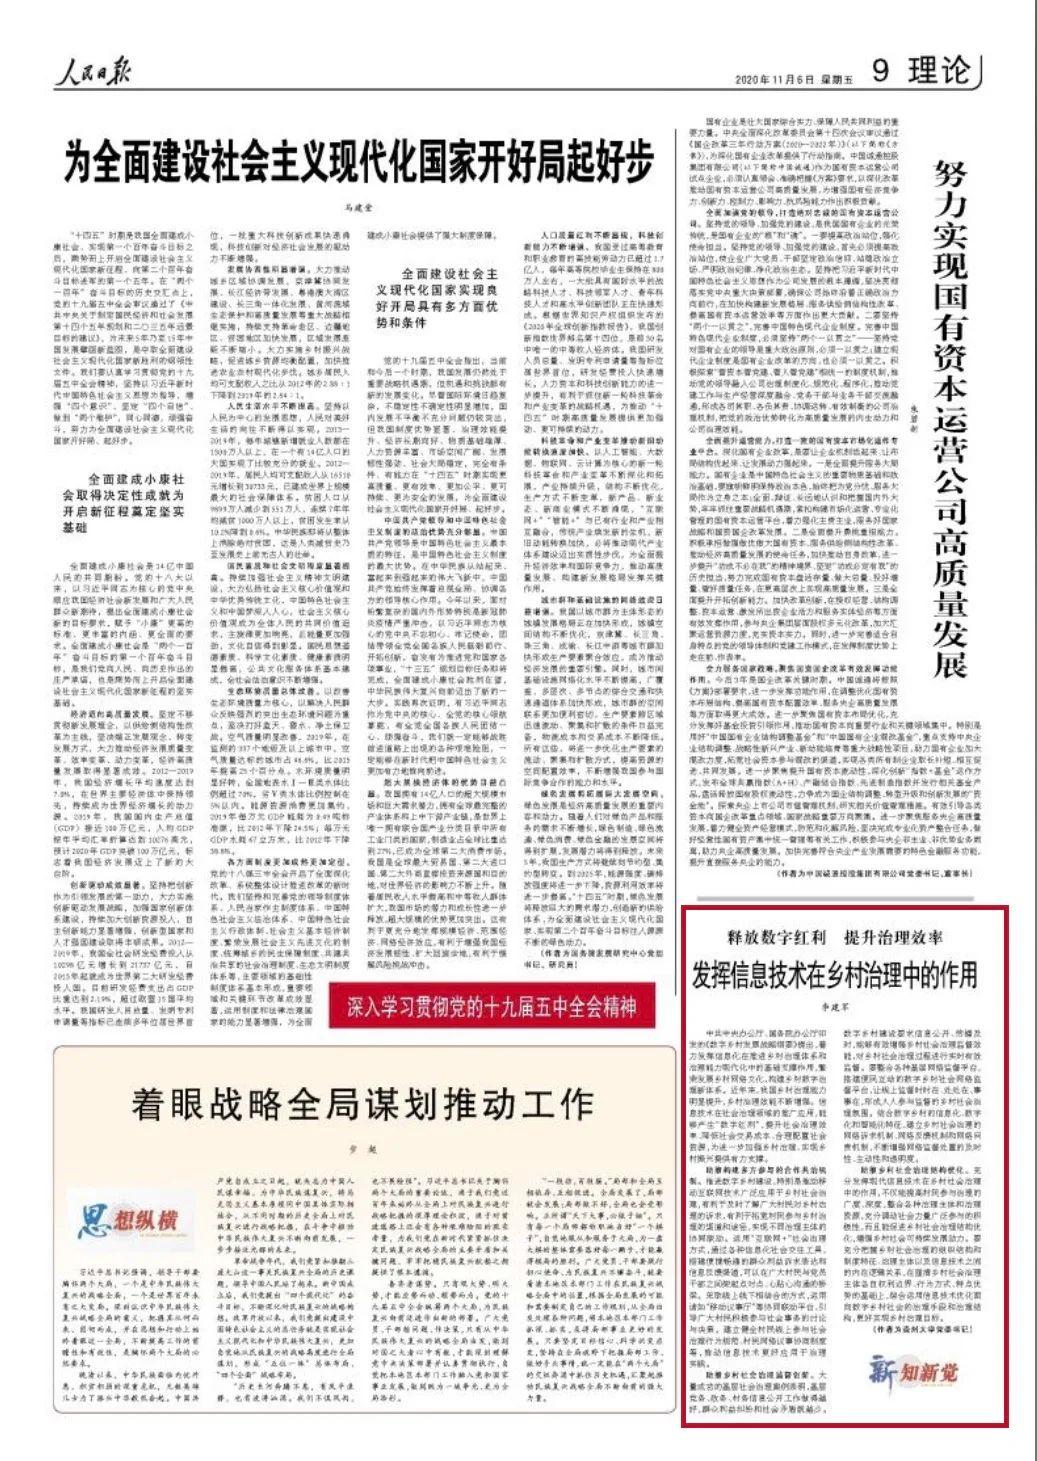 《人民日报》刊发贵州大学党委书记李建军署名文章:发挥信息技术在乡村治理中的作用图片